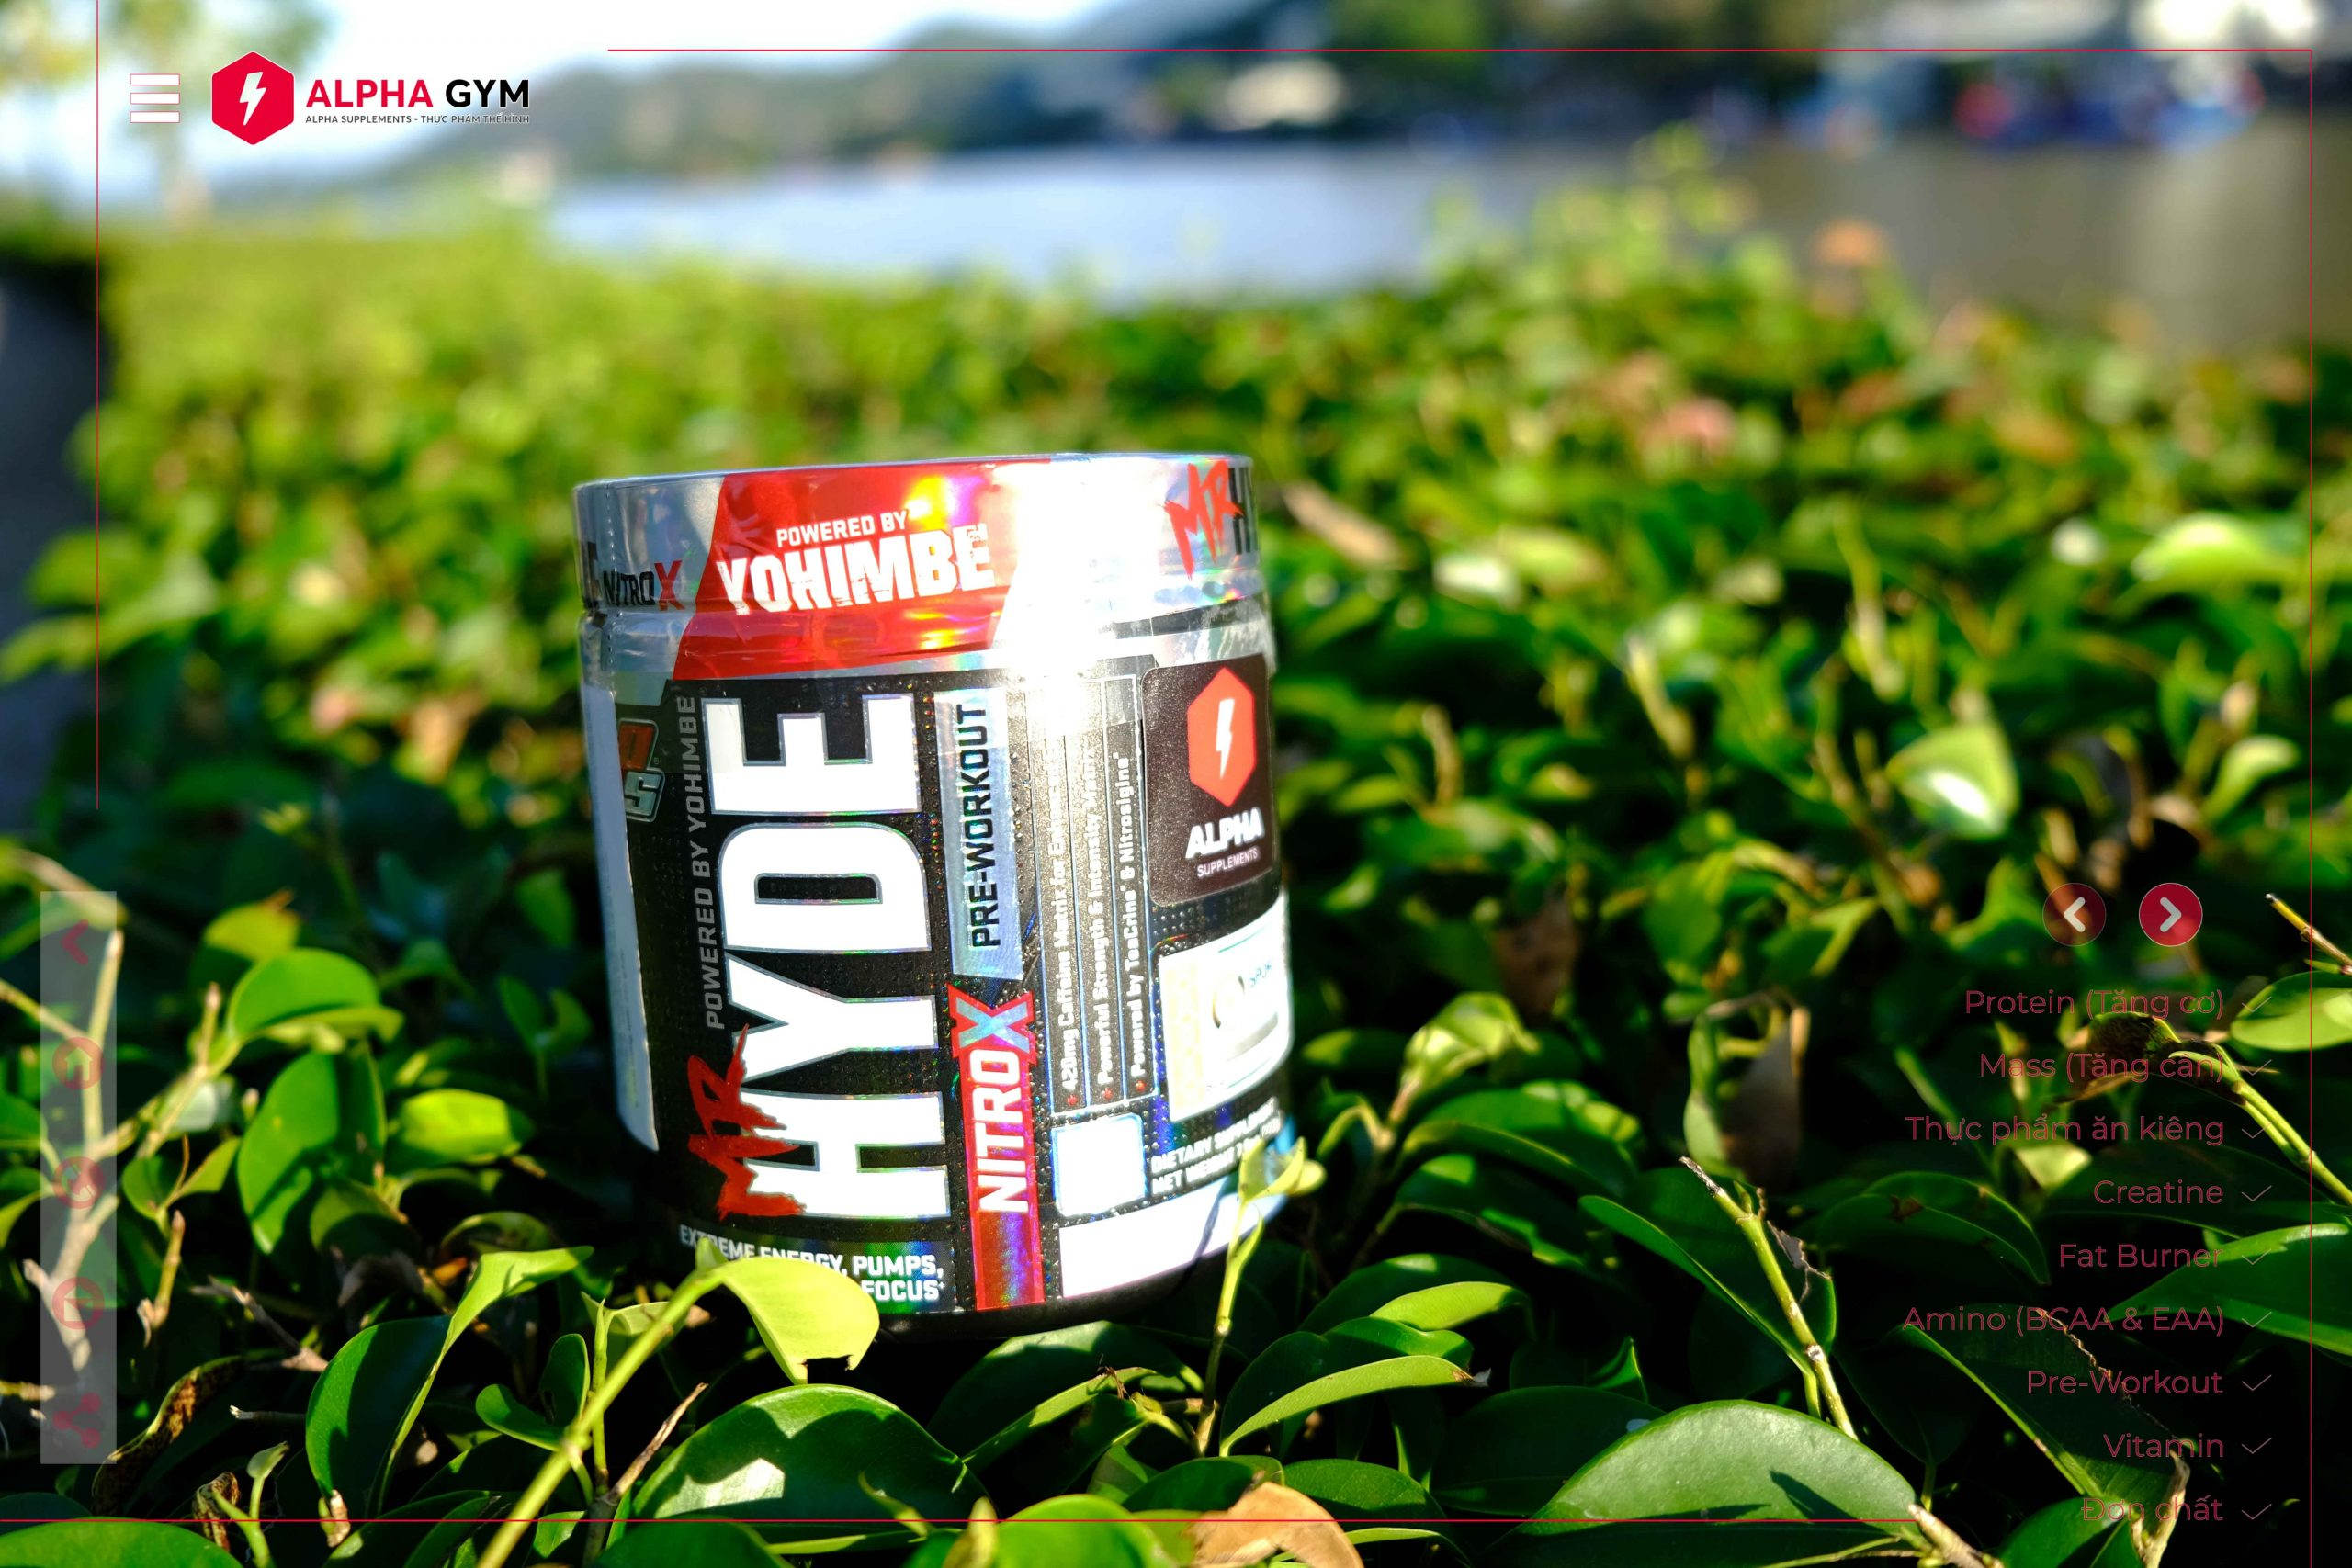 Prosupps Mr.Hyde NitroX (30 servings) - Thực phẩm thể hình Nha Trang